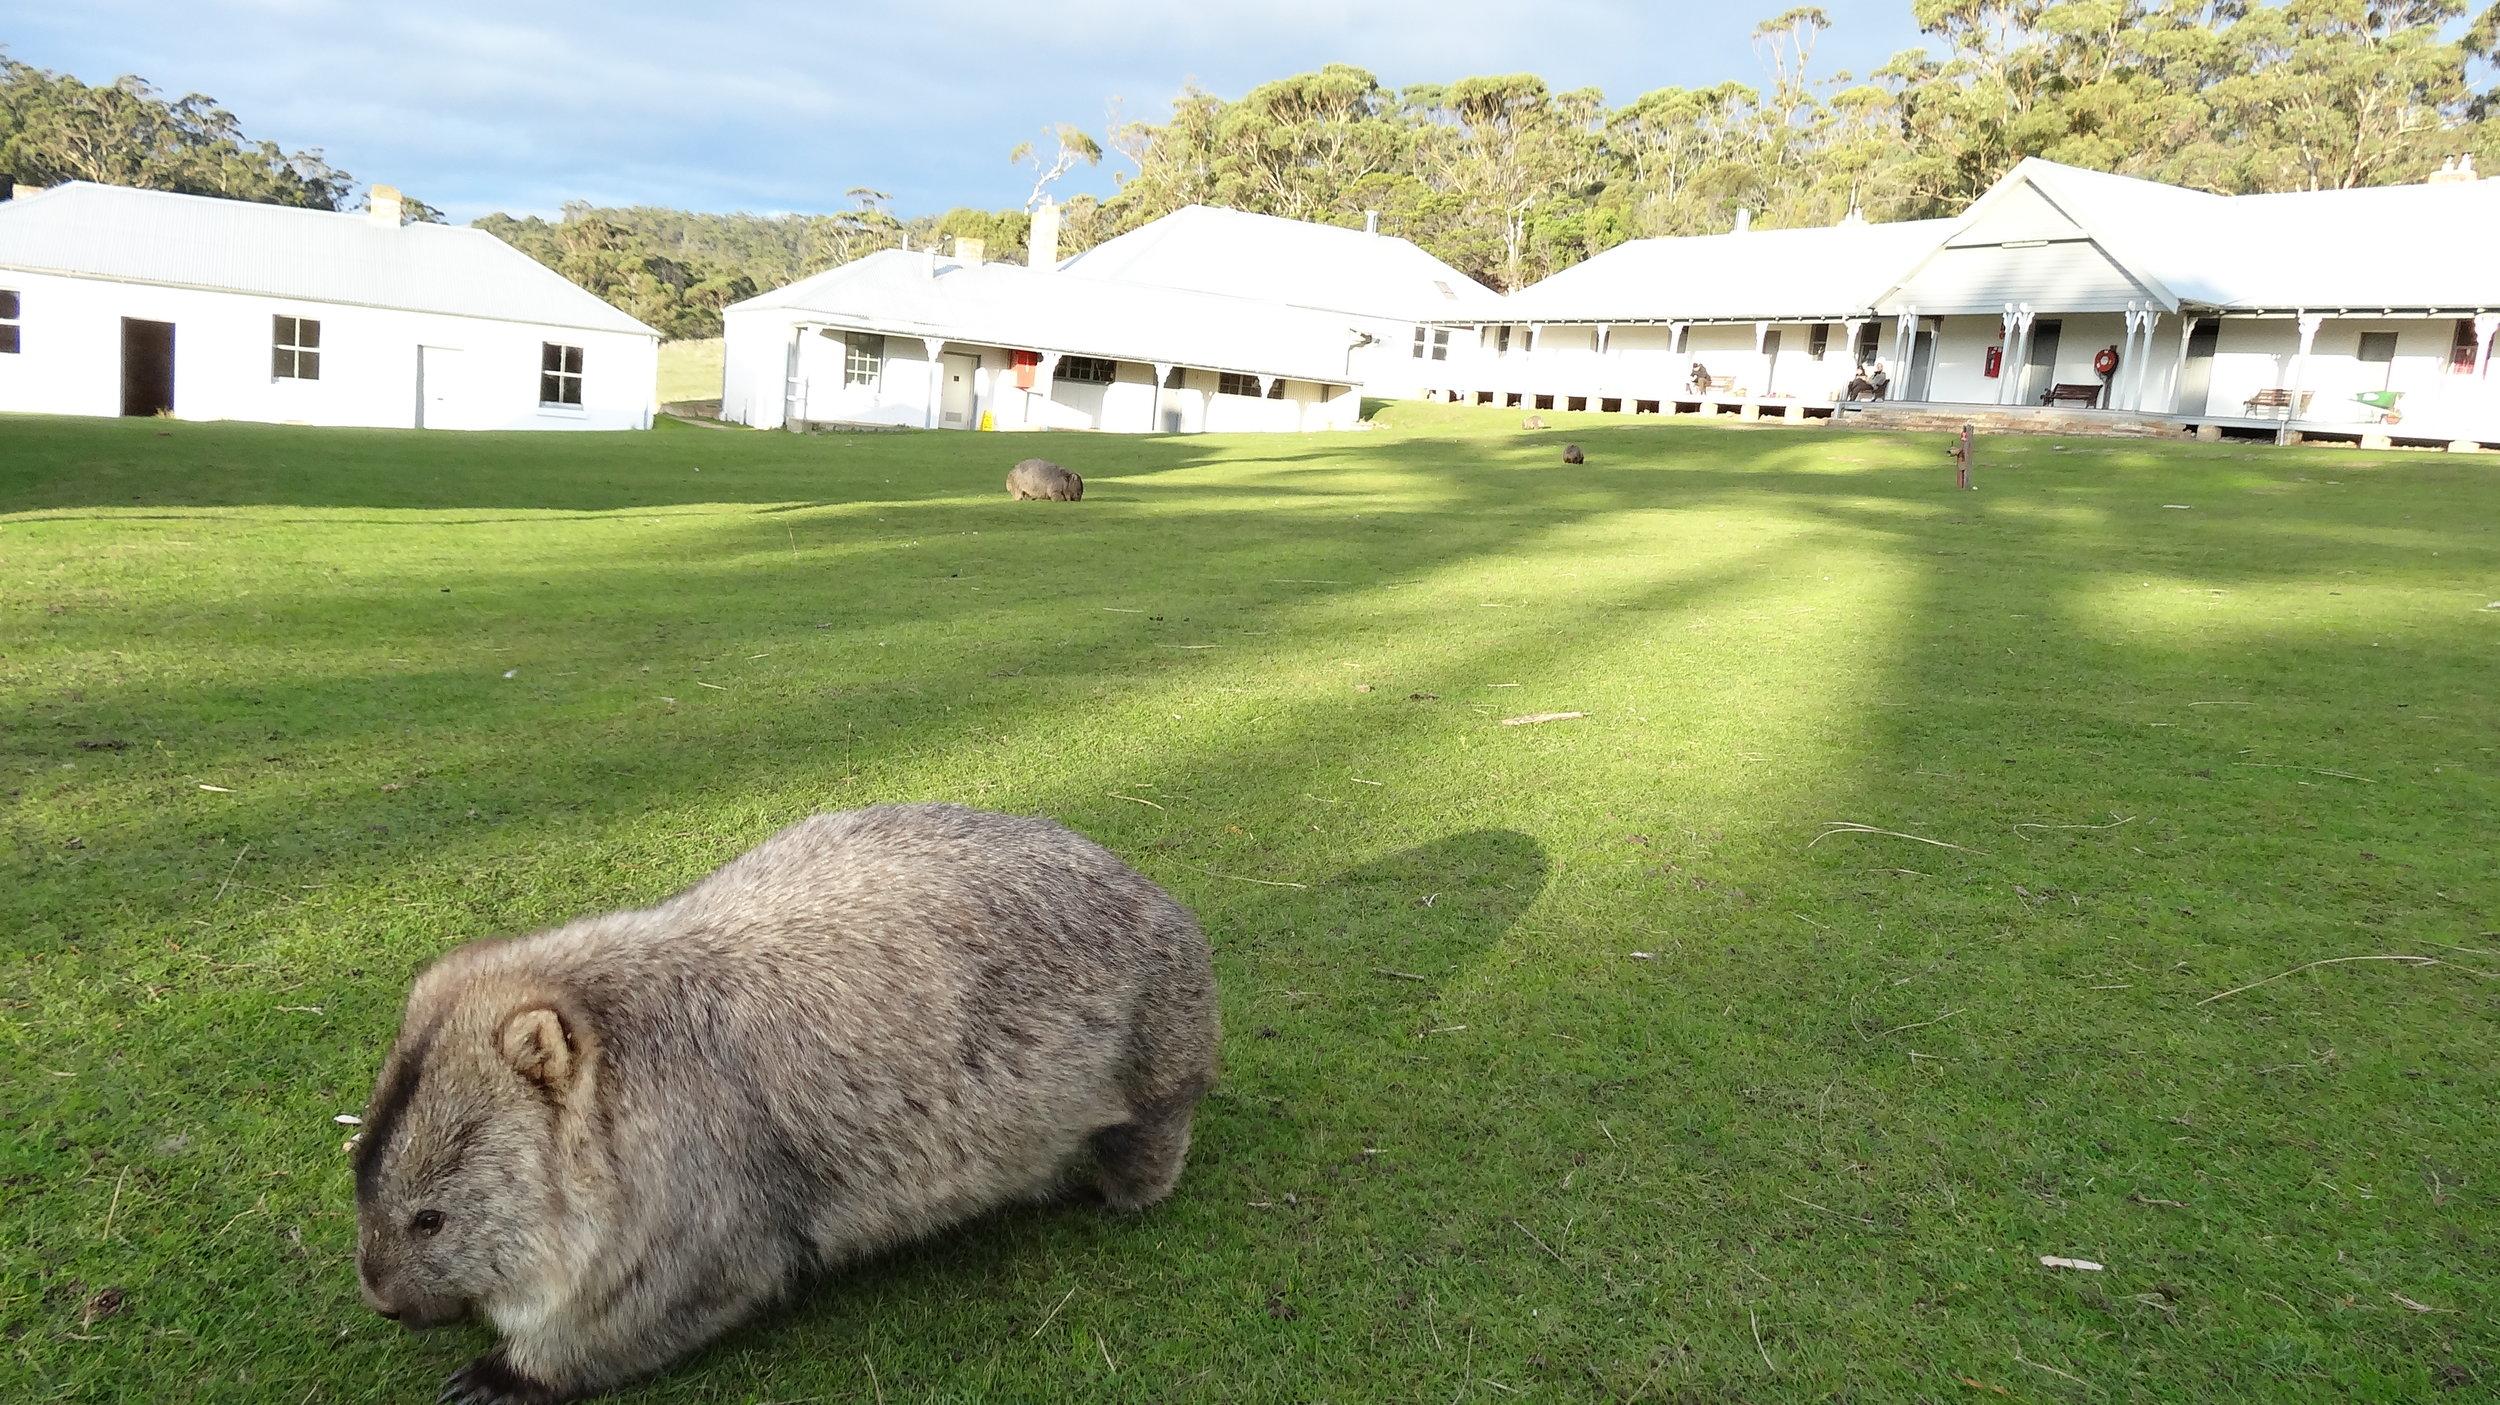 Penitentiary & wombats grazing around buildings.JPG